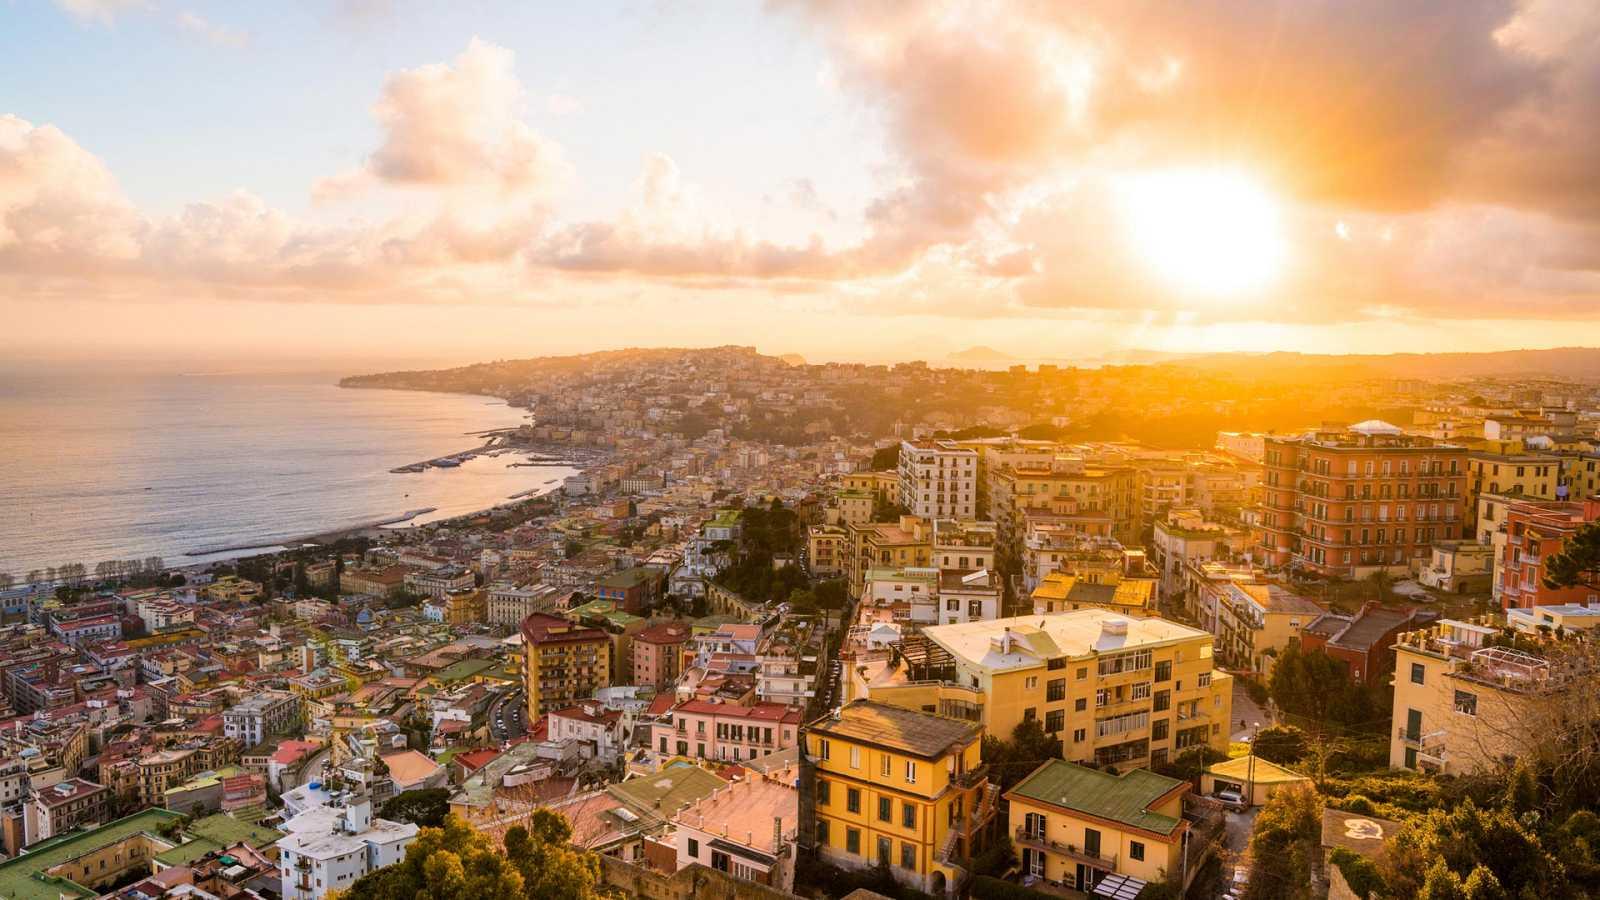 Visítame en un día - Episodio 6: Nápoles - ver ahora